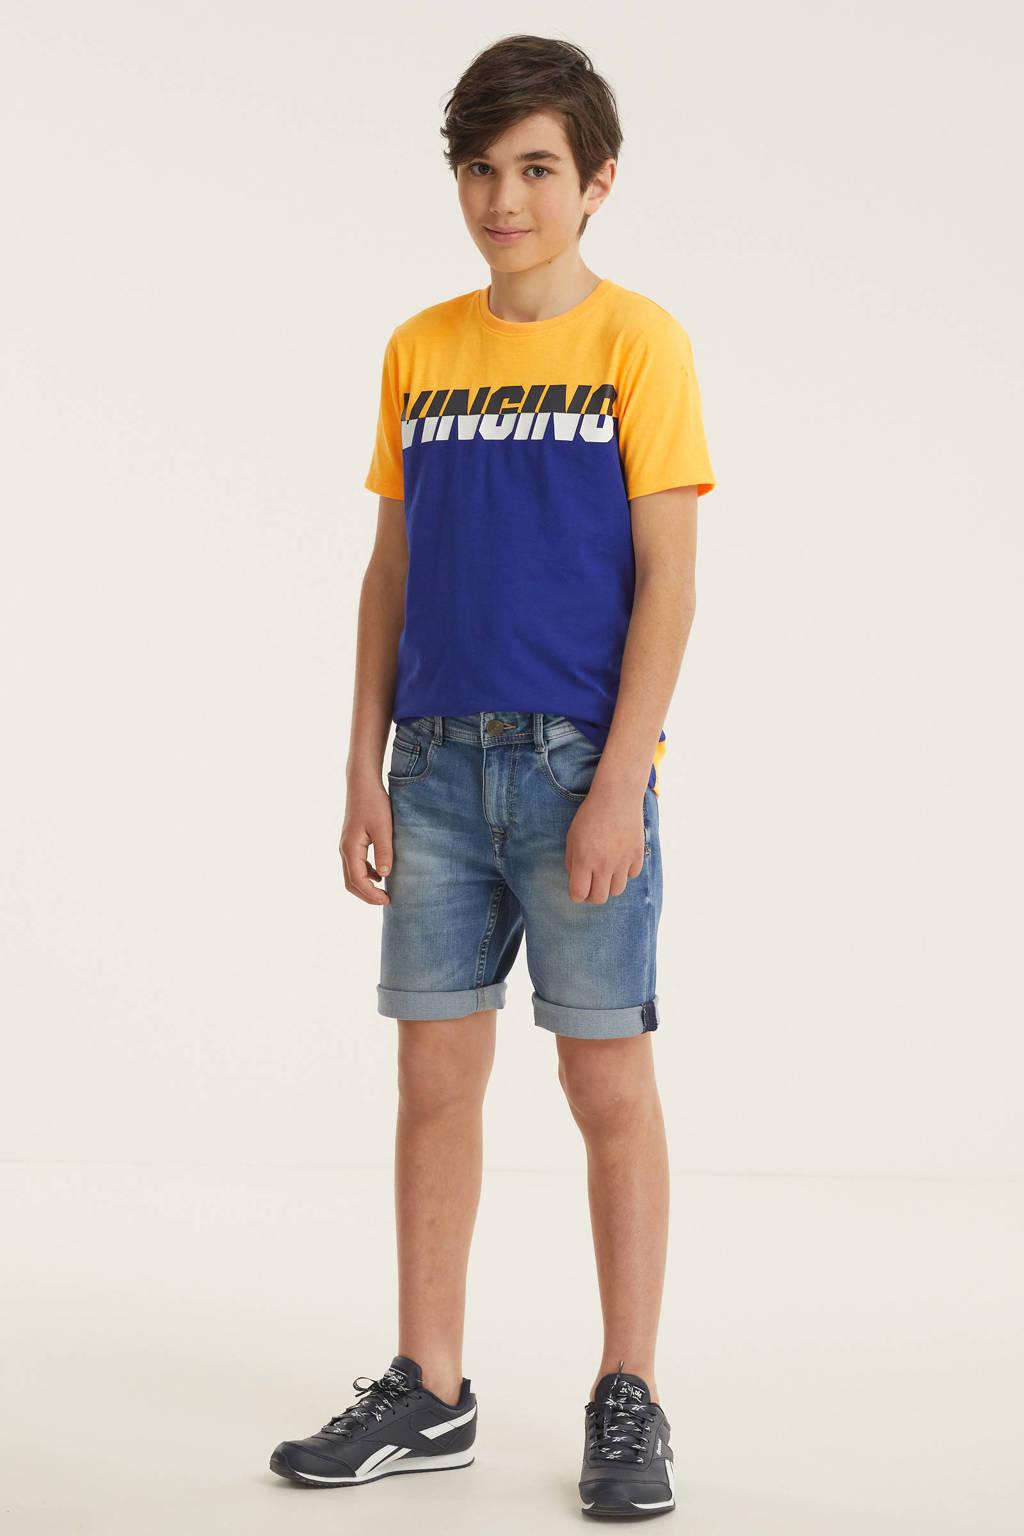 Vingino T-shirt Hewy met logo geel/blauw, Geel/blauw